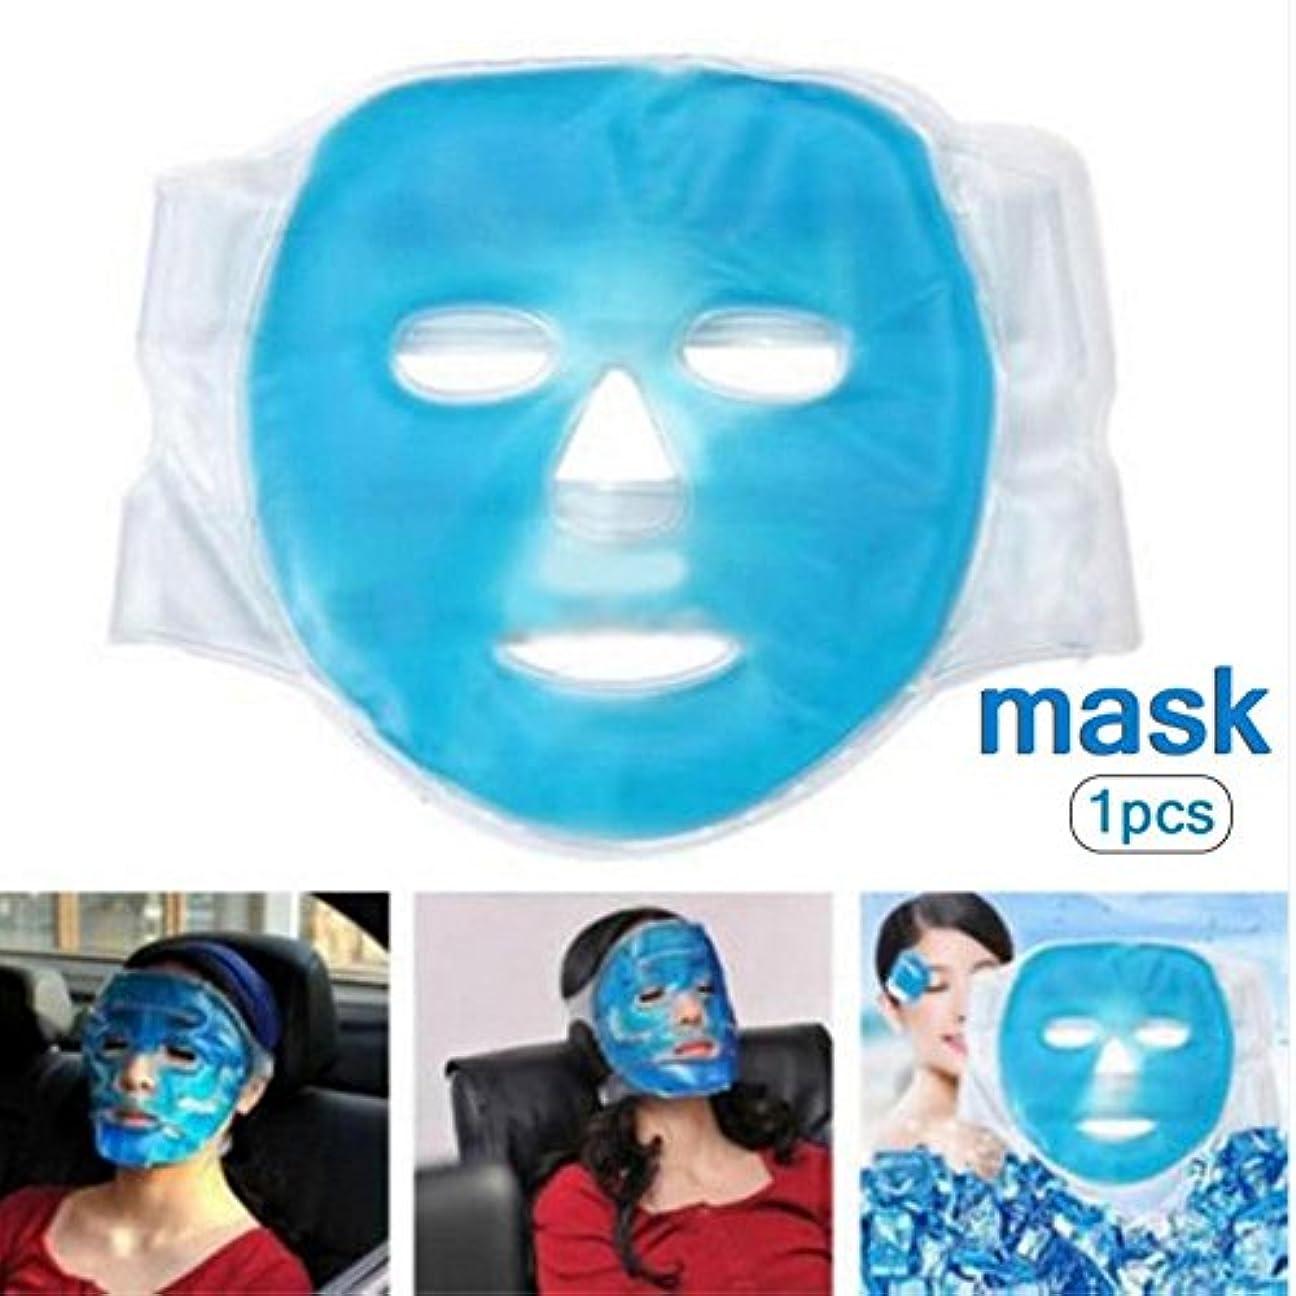 固める弱めるインカ帝国SILUN フェイスマスク 冷温兼用 美容用 再利用可能 毛細血管収縮 肌ケア 保湿 吸収しやすい 美容マッサージ アイスマスク